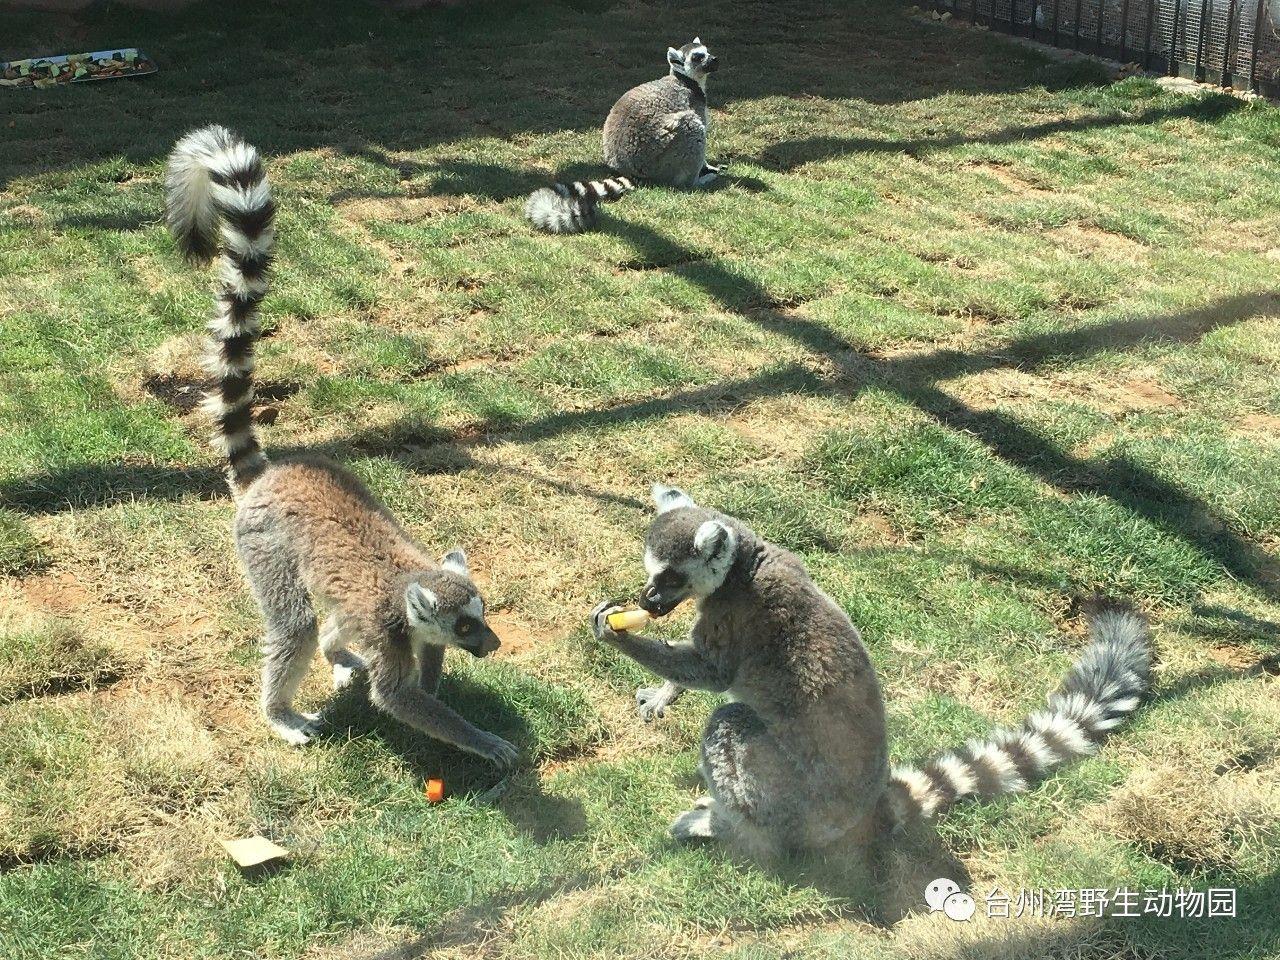 五一小长假首日,台州湾野生动物园开园(多图)